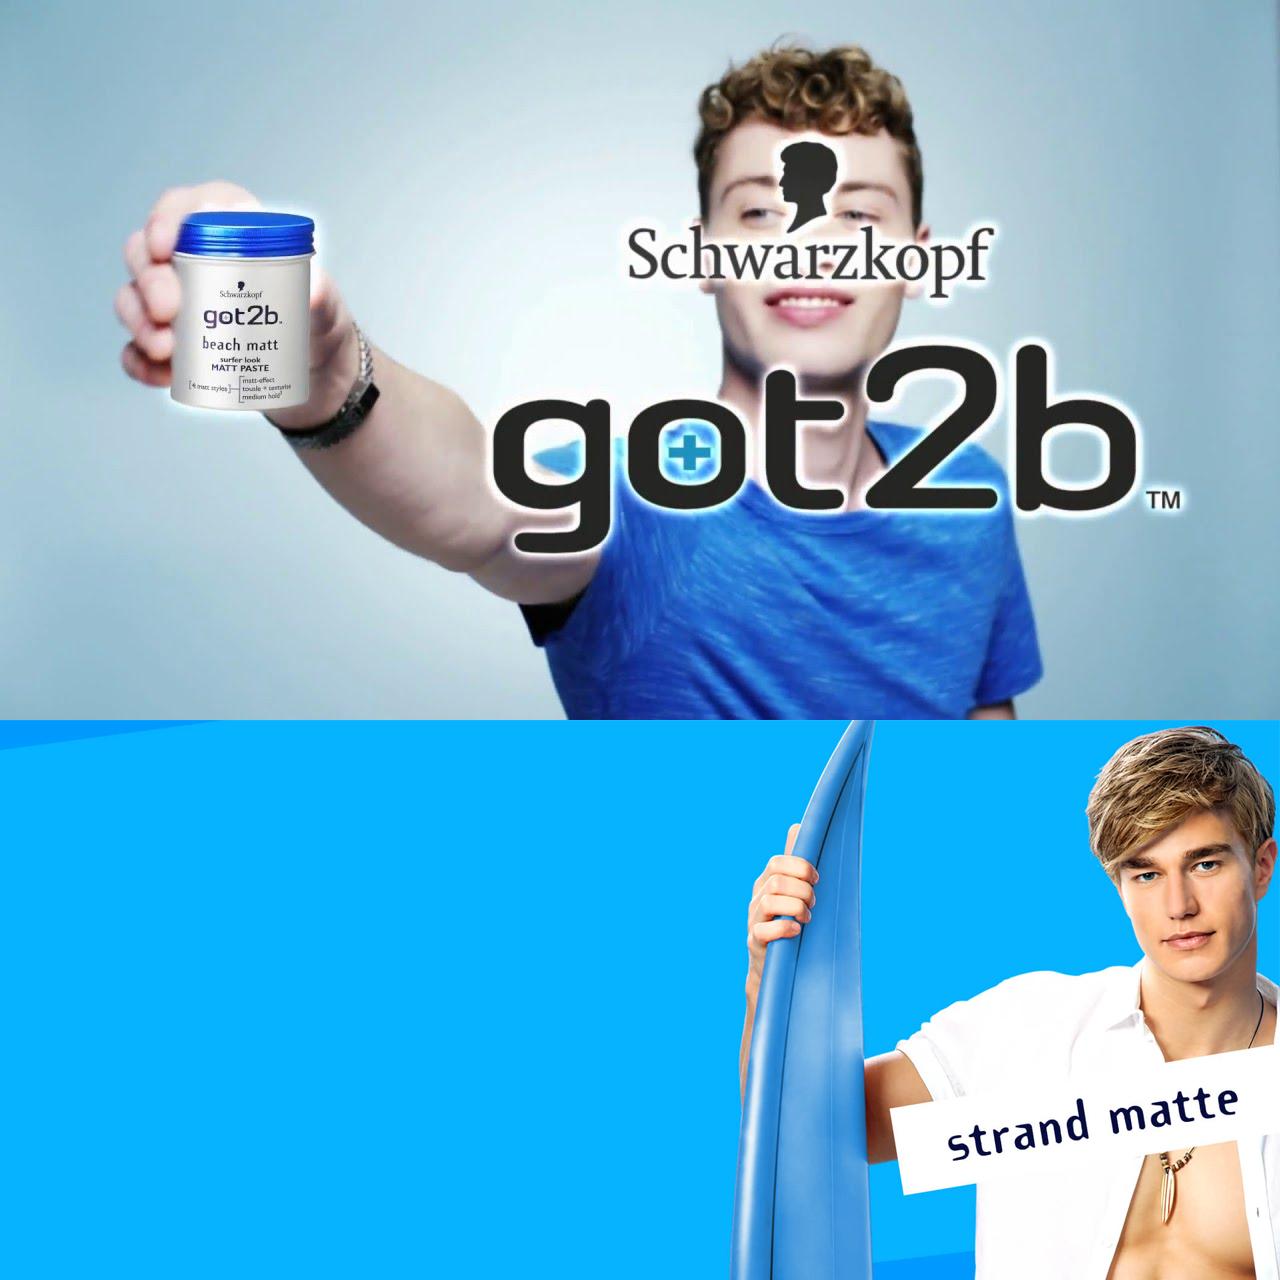 Schwarzkopf got2b strand matte Haarwachs & weitere Produkte reduziert bei Rossmann